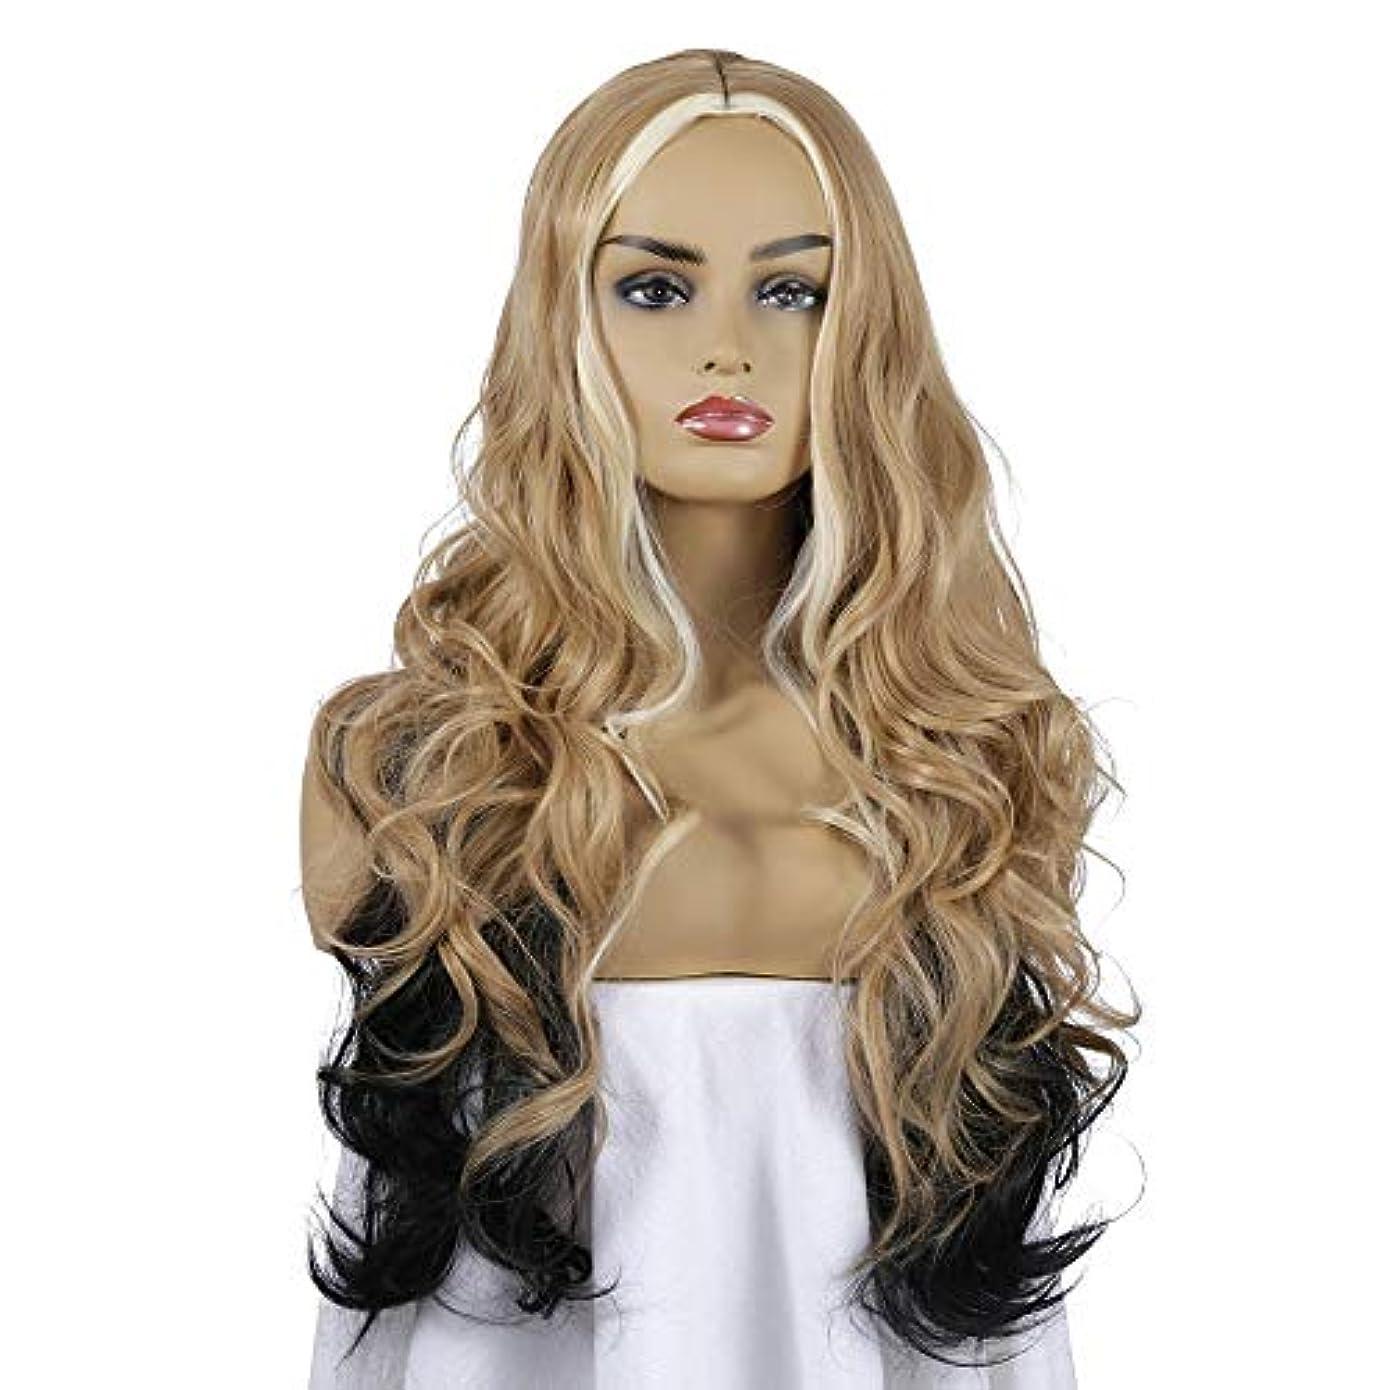 女性用ブロンドロングカーリーウェーブヘアウィッグ26インチチャーミング人工毛交換ウィッグミドルパーティングハロウィンコスプレ衣装アニメパーティーウィッグ、ミックスカラー